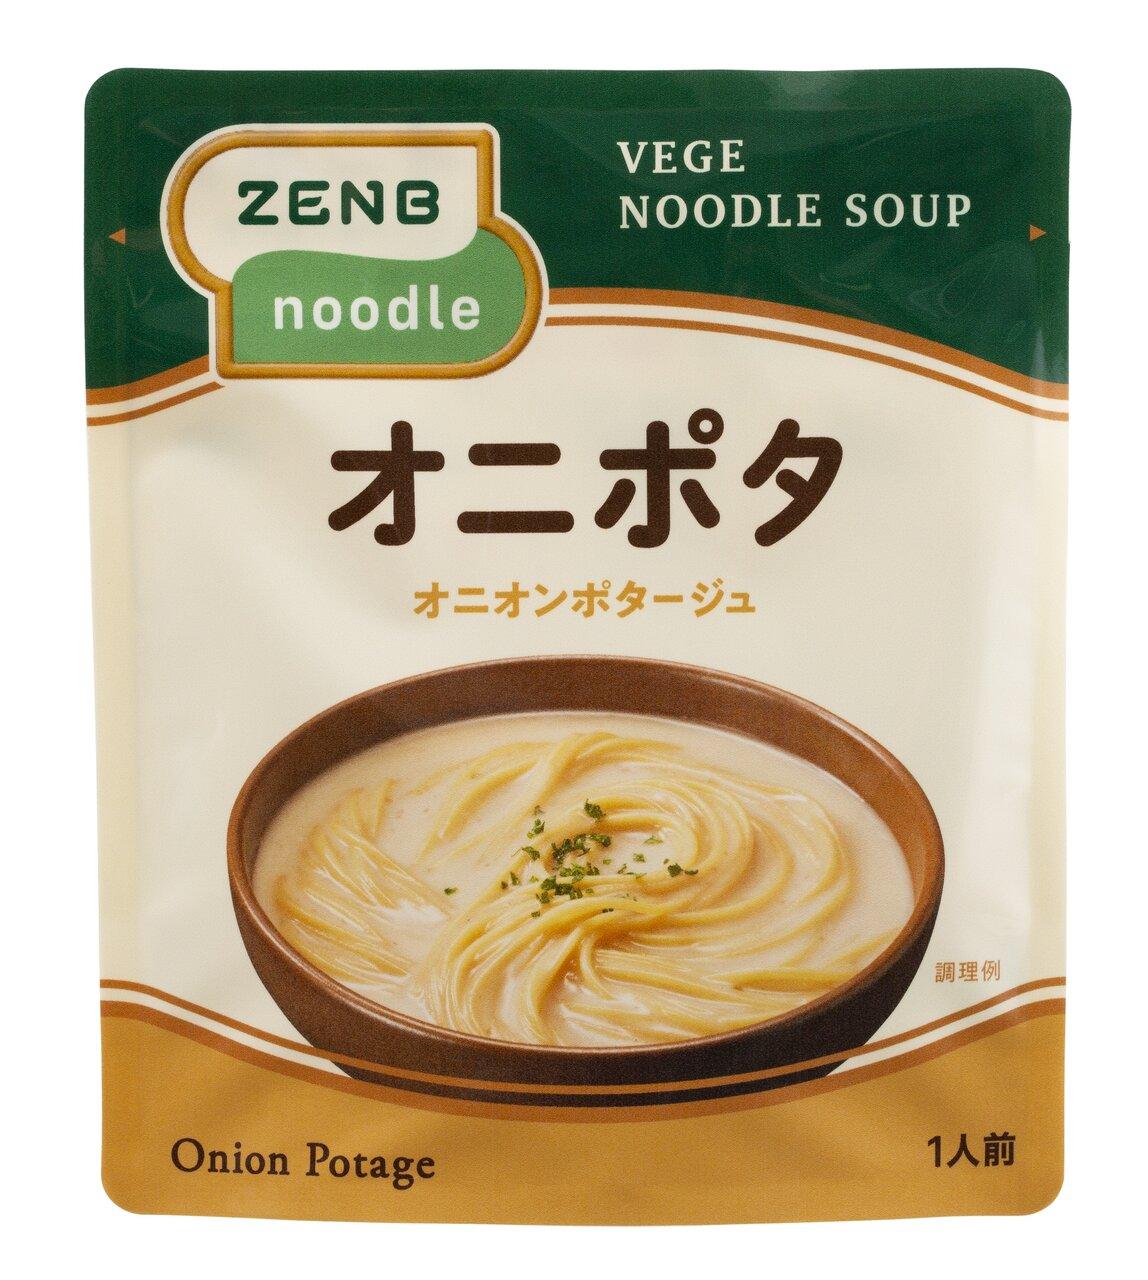 ZENB オニオンポタージュ(オニポタ) スープ 1人前